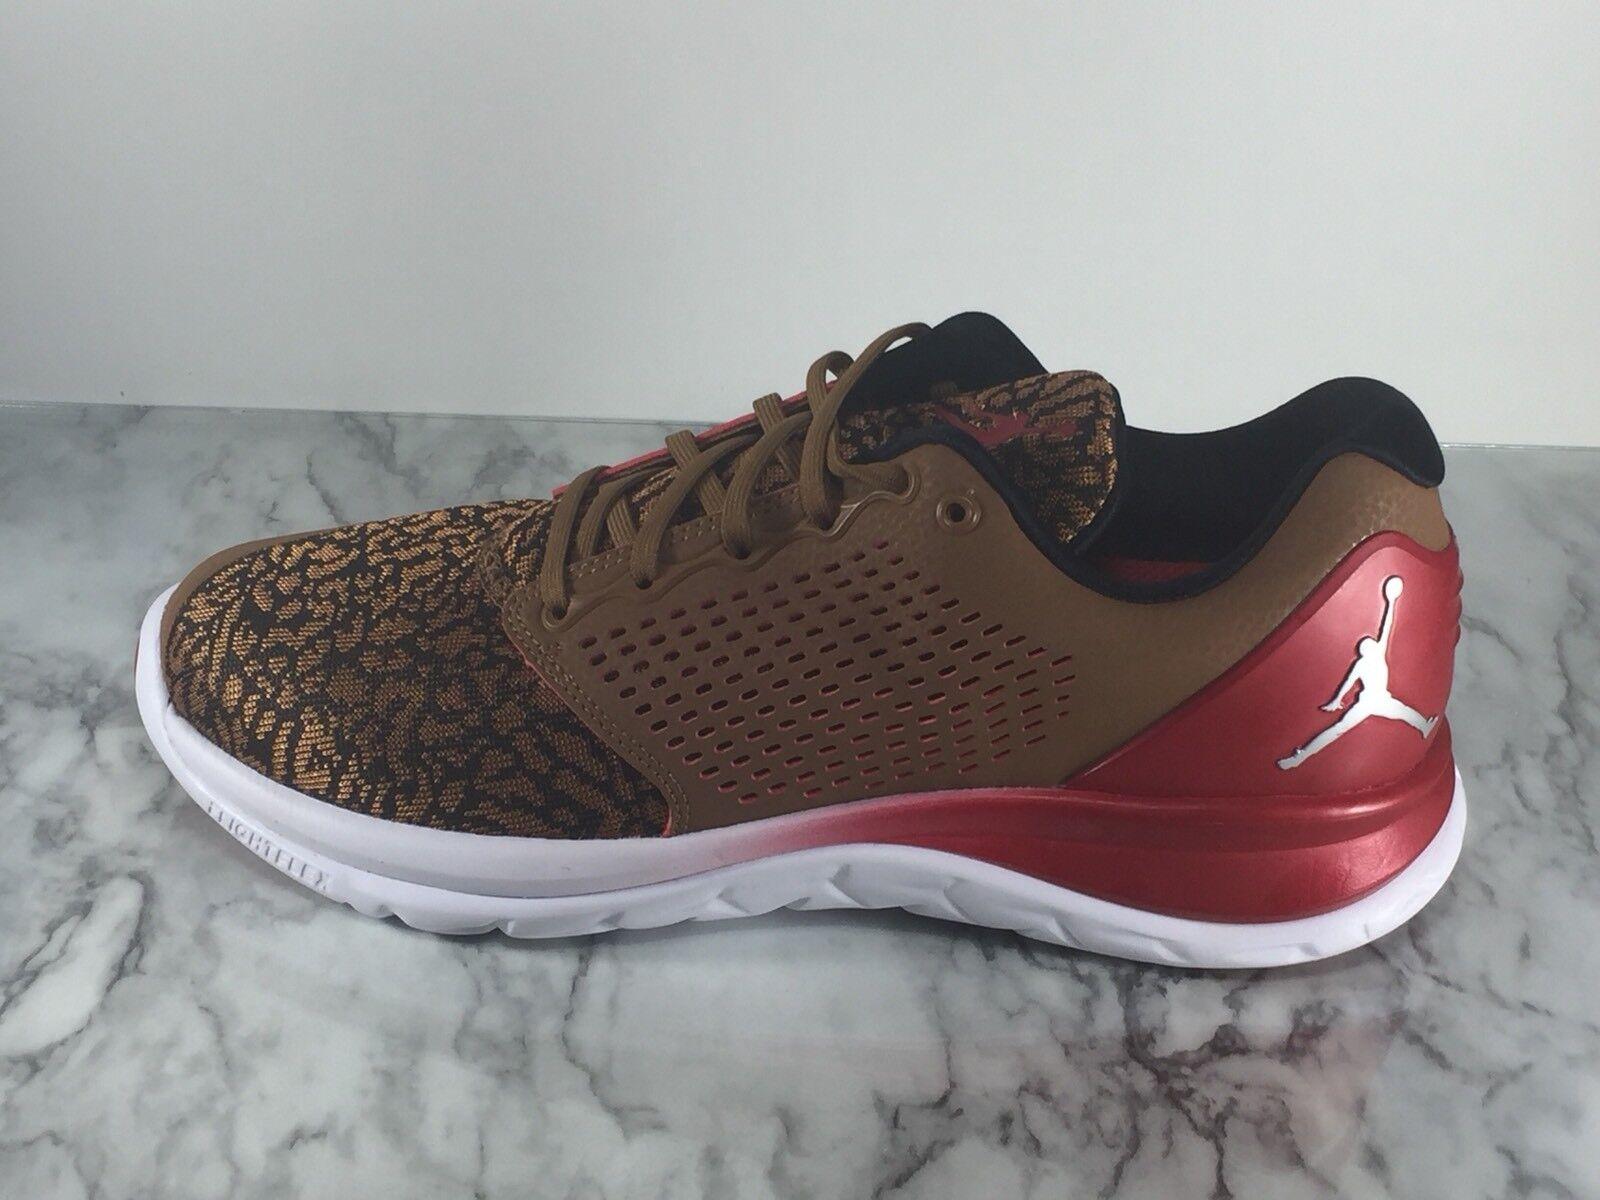 Nike Air Jordan Trainer ST Shoes Premium Men's Size 10.5 Shoes ST  843732-205 c5631f